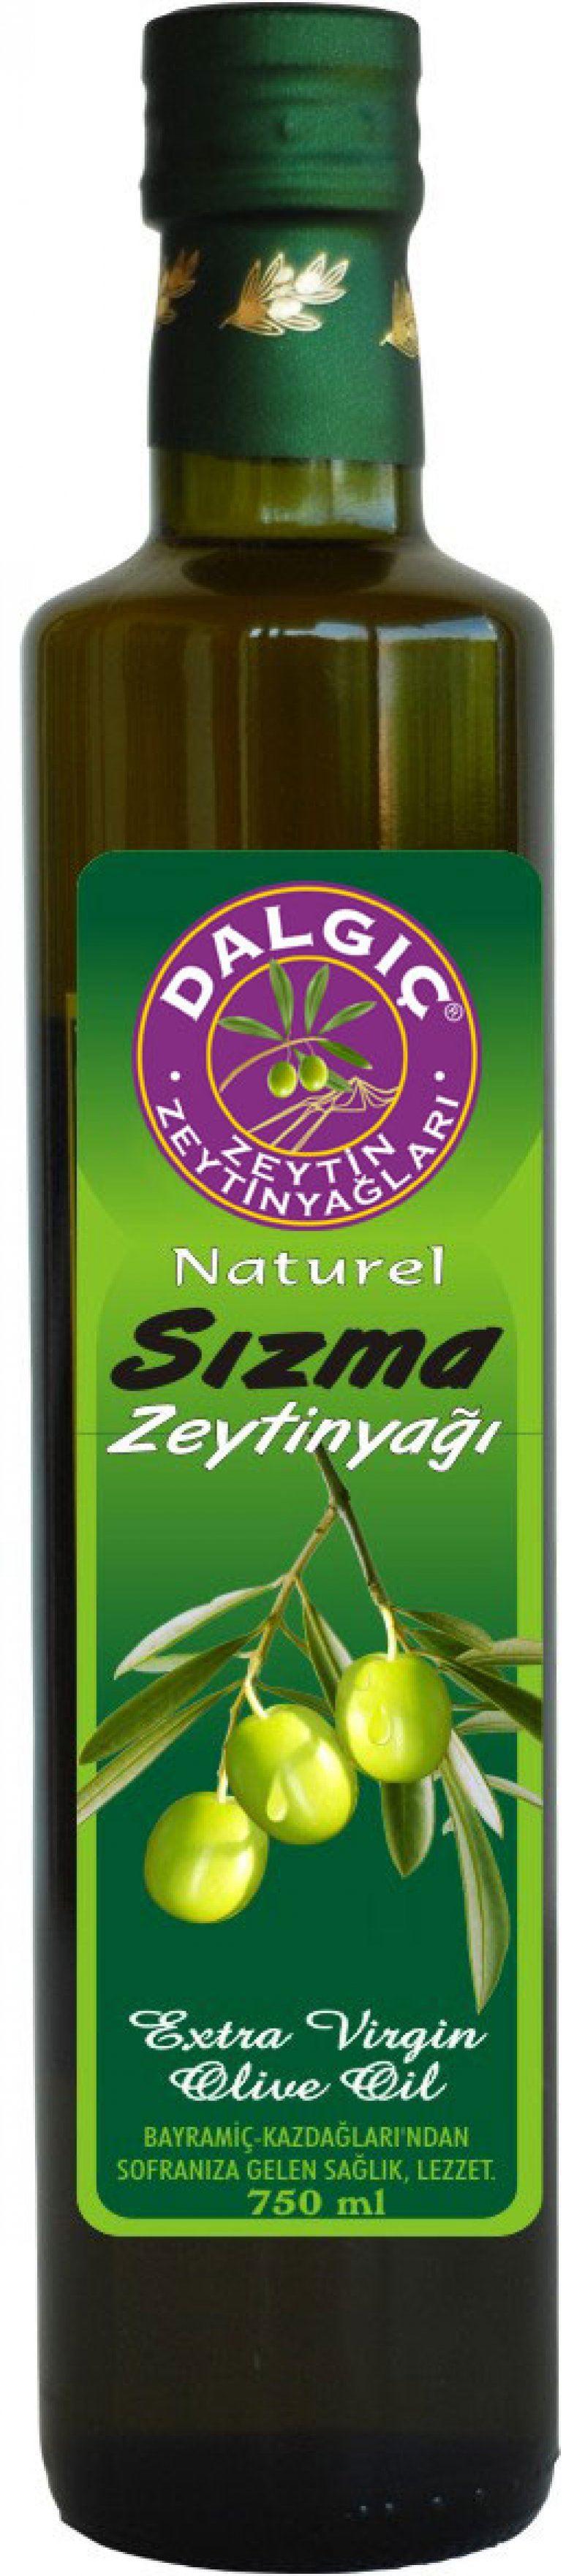 Extra Virgin Olive Oil-750 ml Dark Glass Bottle